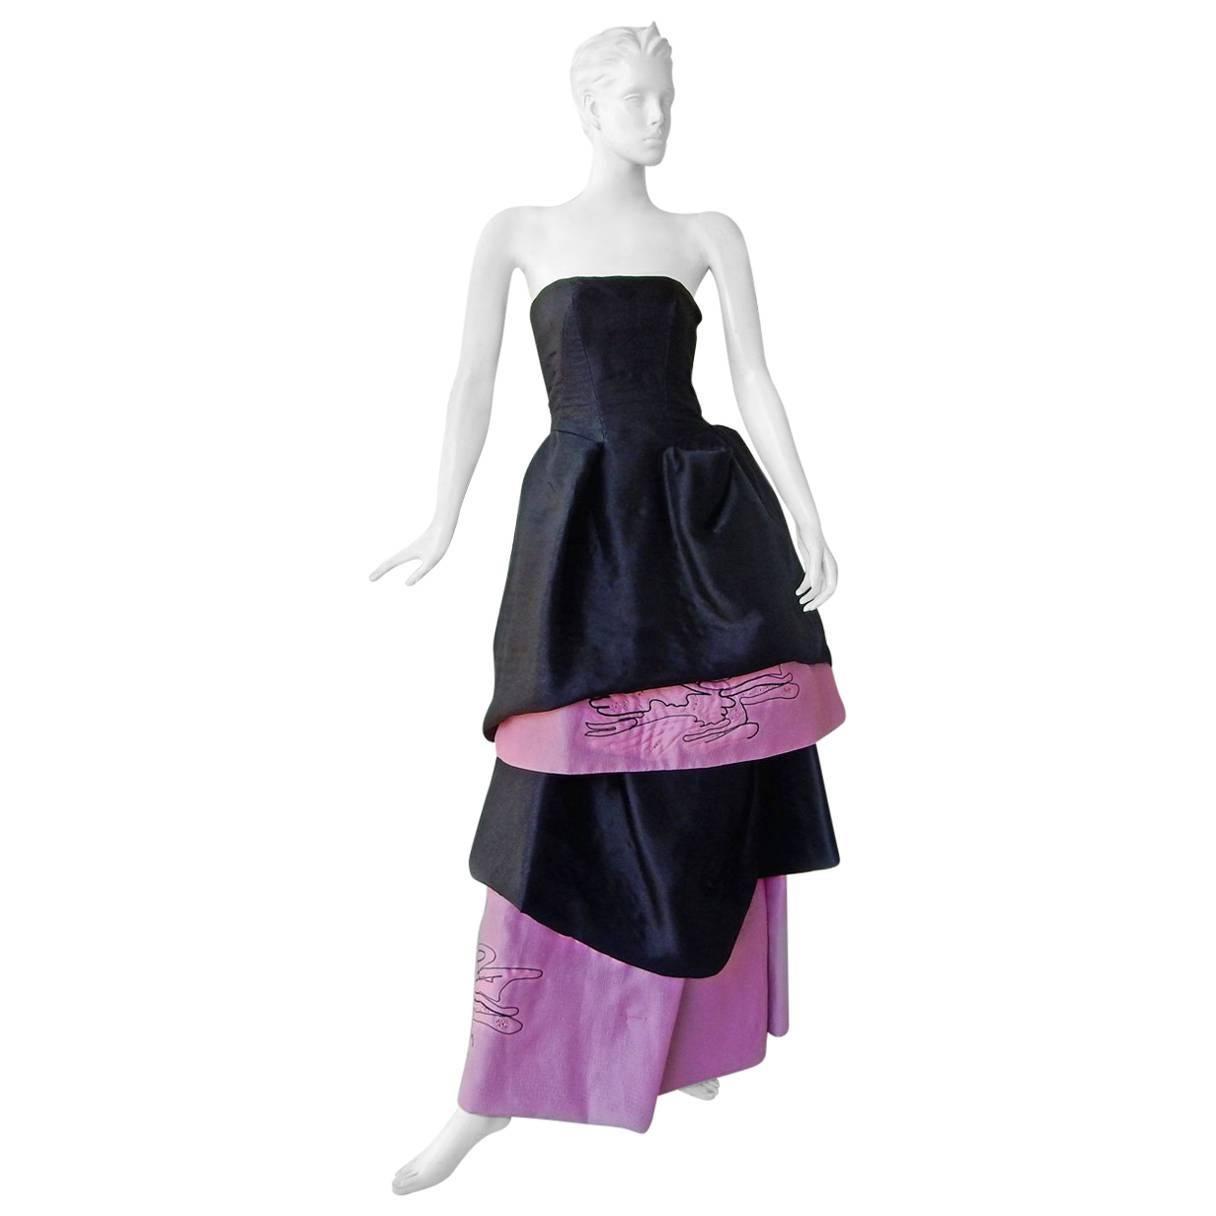 Christian Lacroix Runway 2-in-1 Detachable Pouf Petal Dress Gown